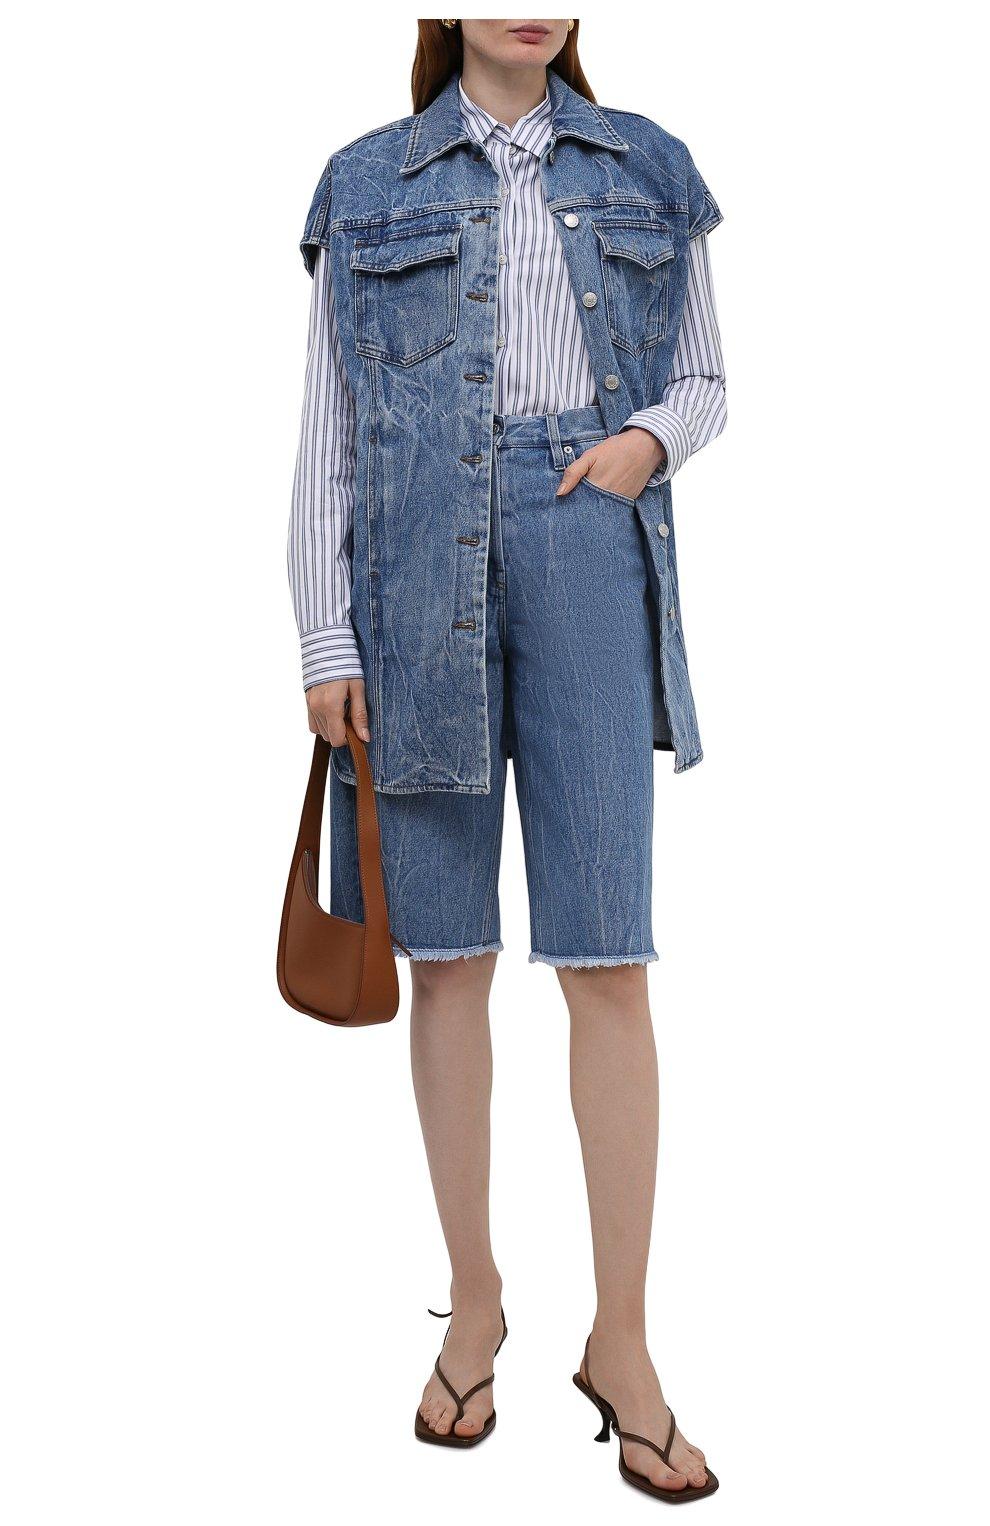 Женские джинсовые шорты DRIES VAN NOTEN синего цвета, арт. 212-032406-3381 | Фото 2 (Женское Кросс-КТ: Шорты-одежда; Стили: Гламурный; Кросс-КТ: Деним, Широкие; Материал внешний: Хлопок; Длина Ж (юбки, платья, шорты): Миди)